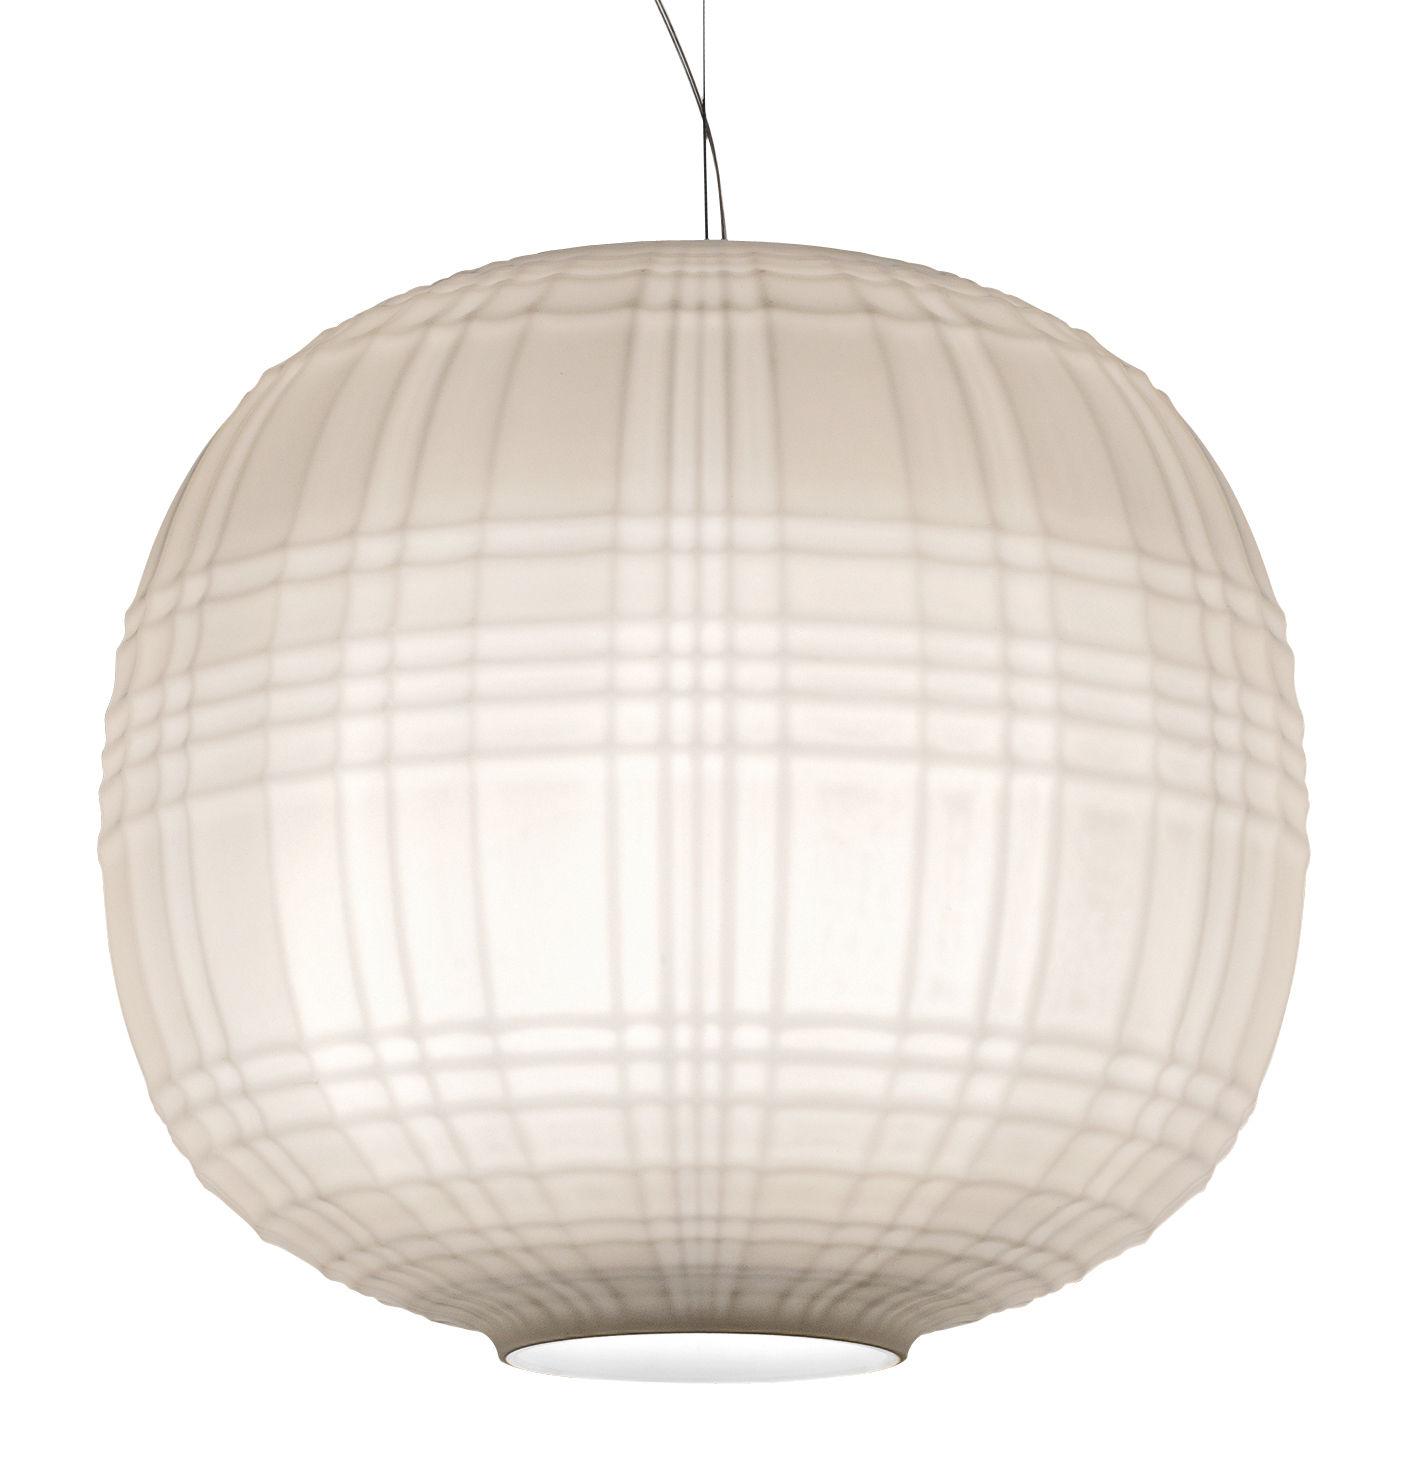 Luminaire - Suspensions - Suspension Tartan / Ø 35 cm - Foscarini - Blanc - Verre soufflé en relief et acidé